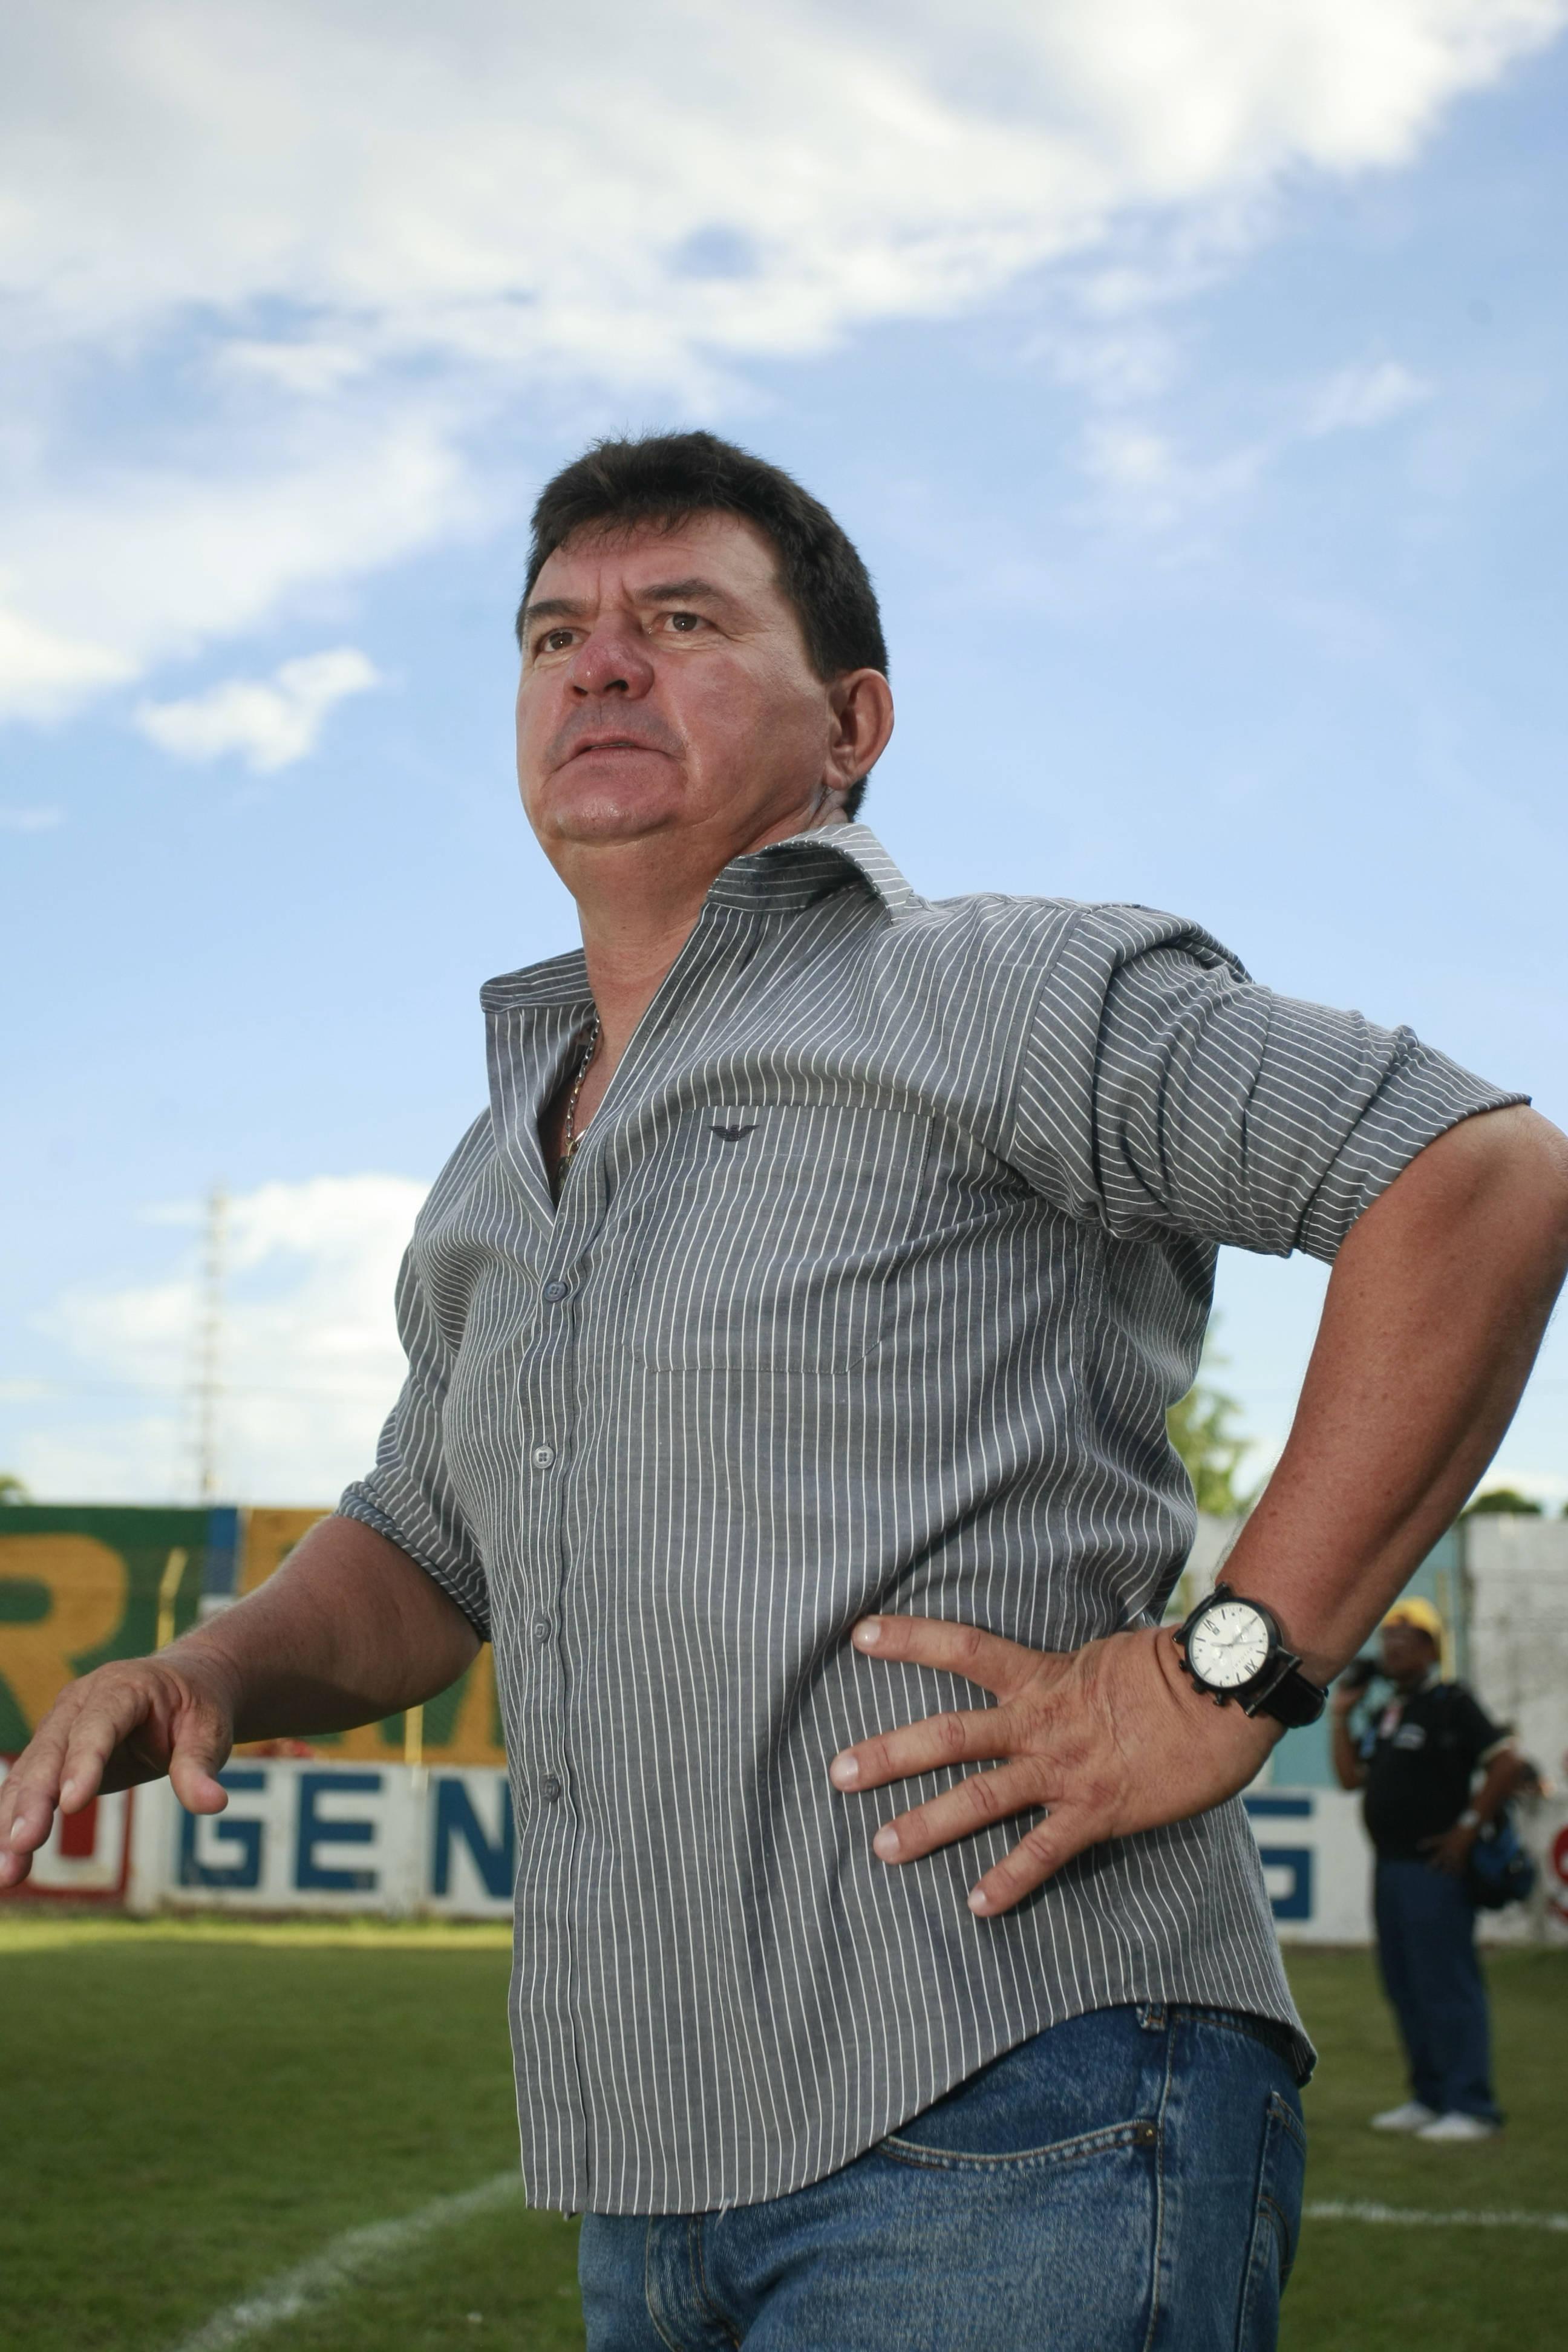 Paragominas enfrenta o Castanhal nesta quarta sem o lateral ... - Globo.com